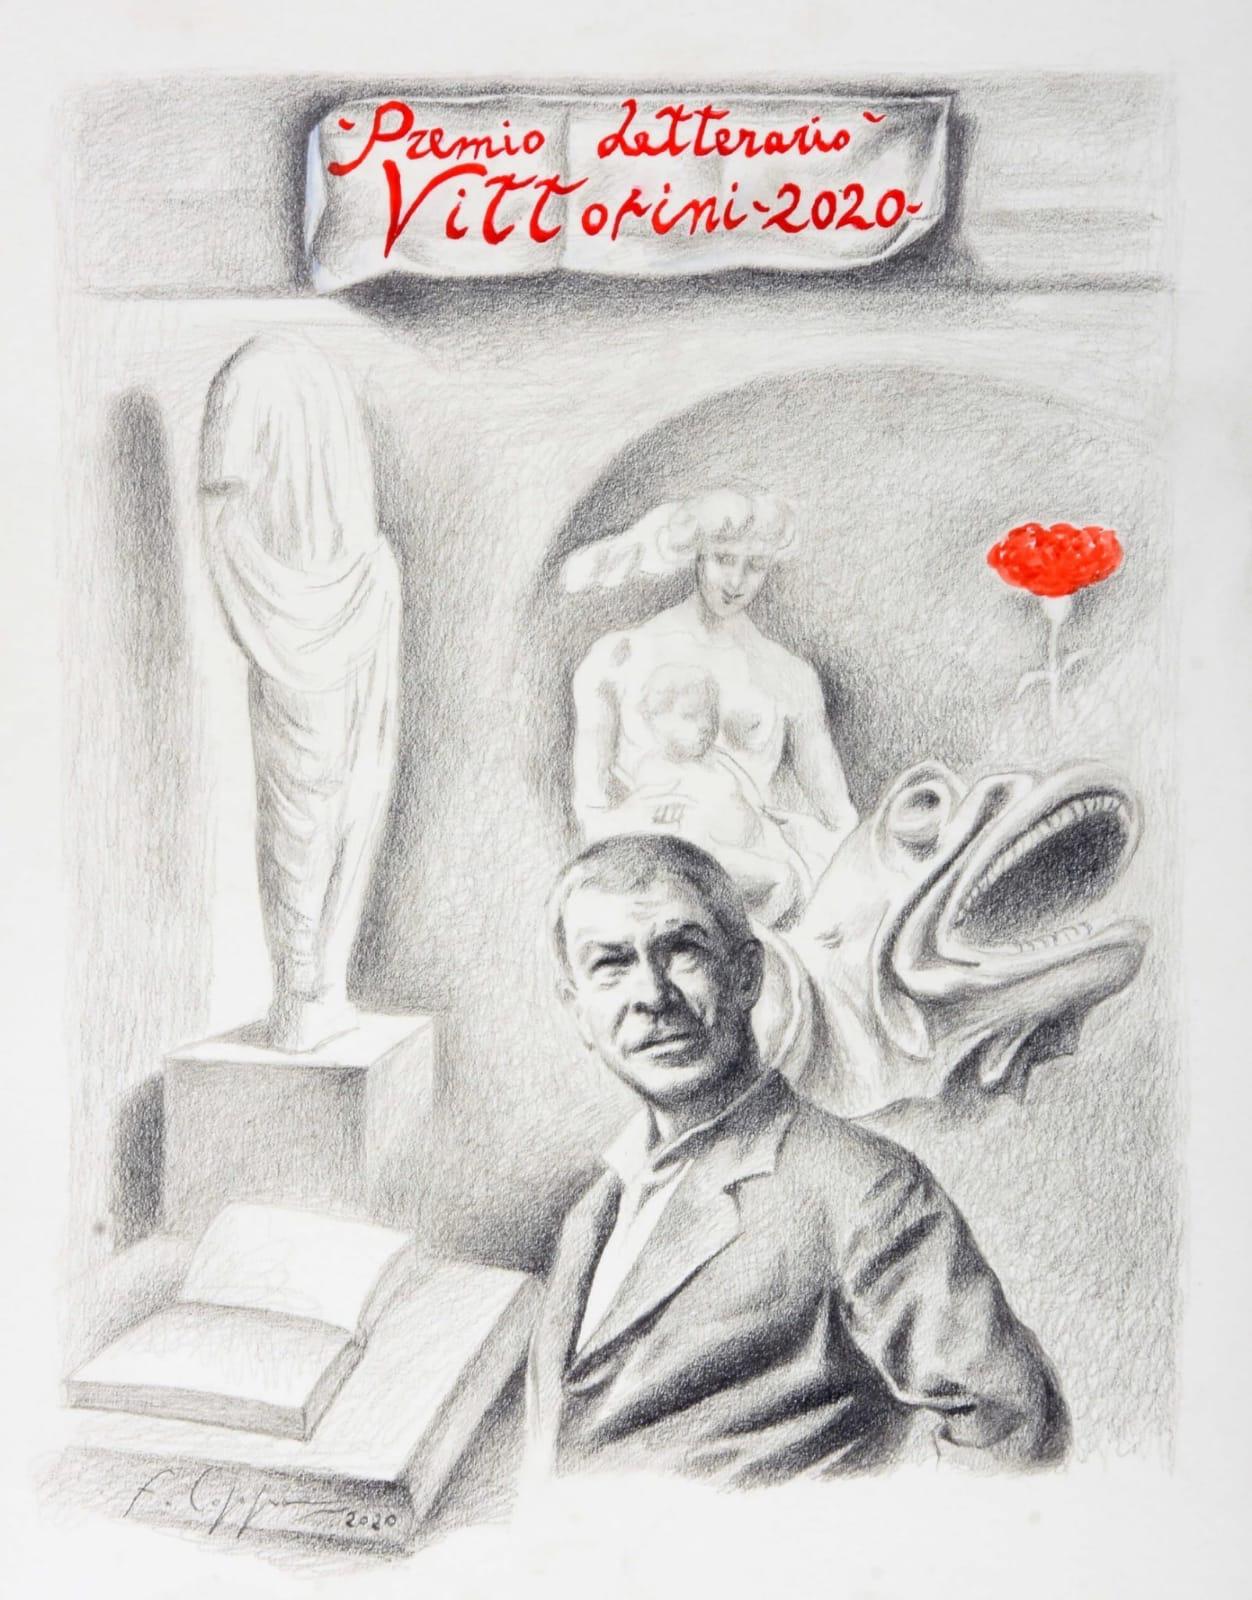 manifestopremiovittorini2020-1599131802.jpeg